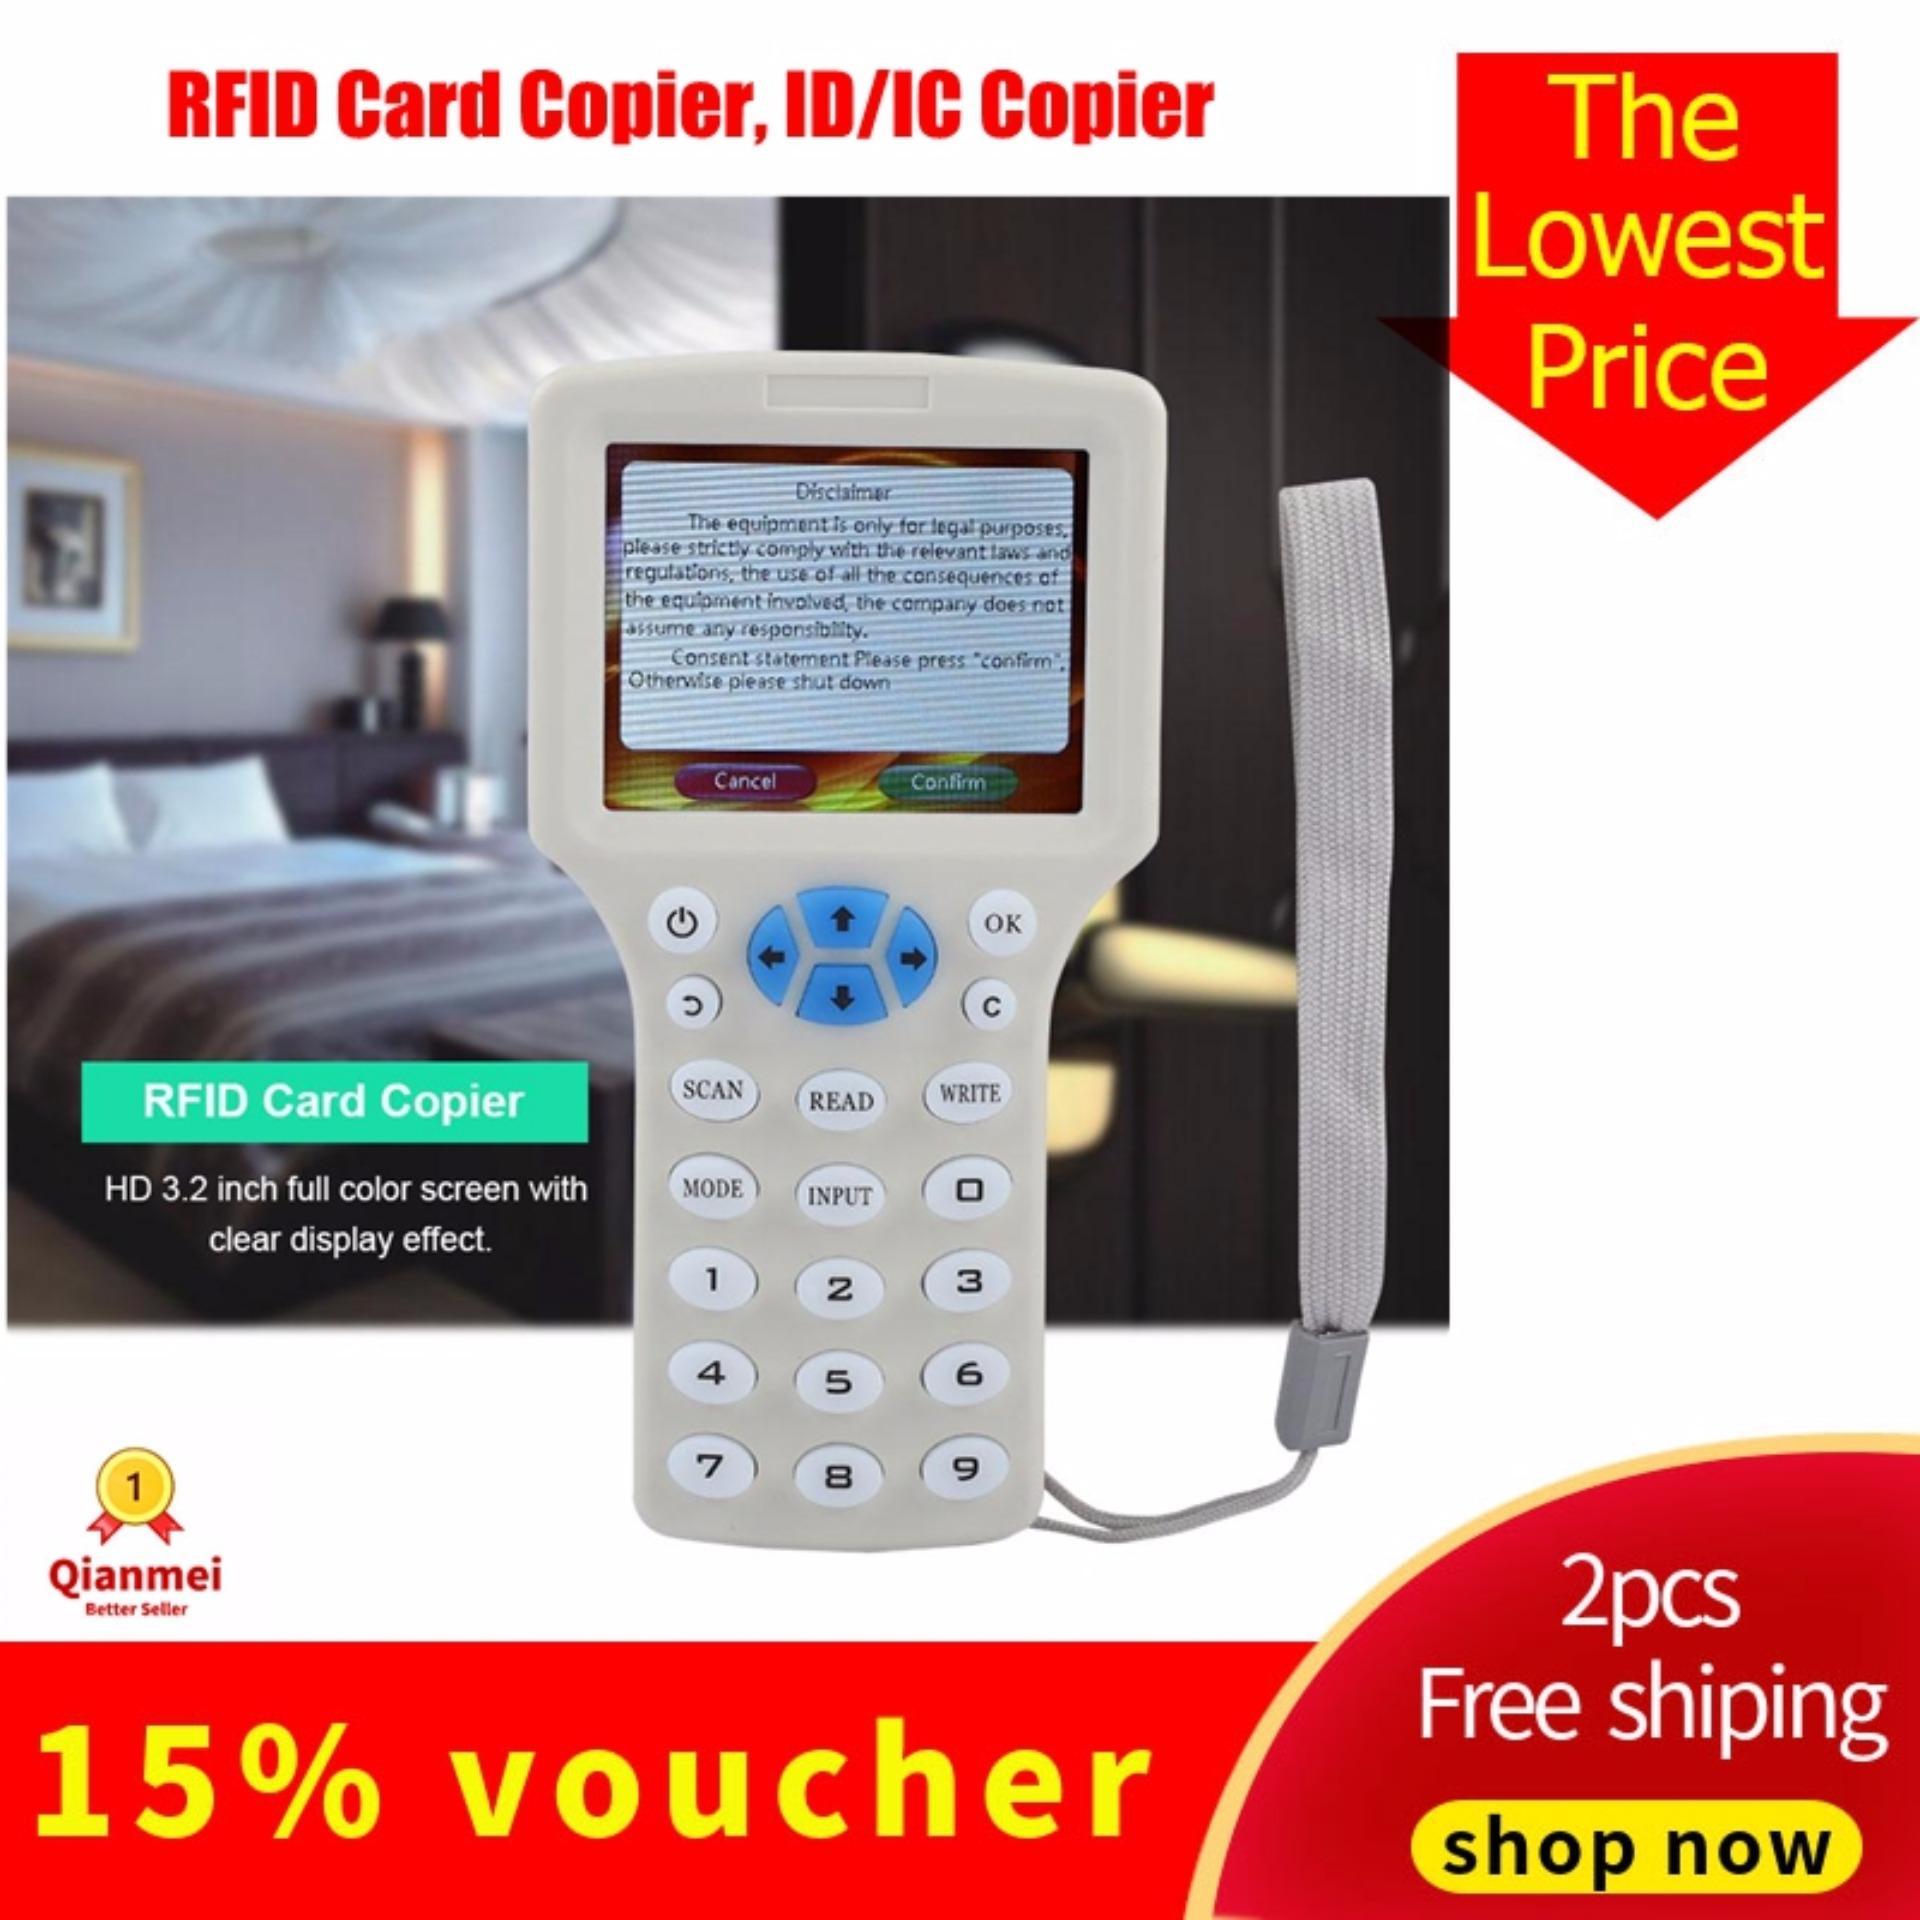 (Qianmei Đảm Bảo Chất Lượng) 9 Tần Số Đa Năng Sao Chép Mã Hóa NFC Thông Minh Thẻ RFID Máy Photocopy ID/IC Đầu Đọc Nhà Văn